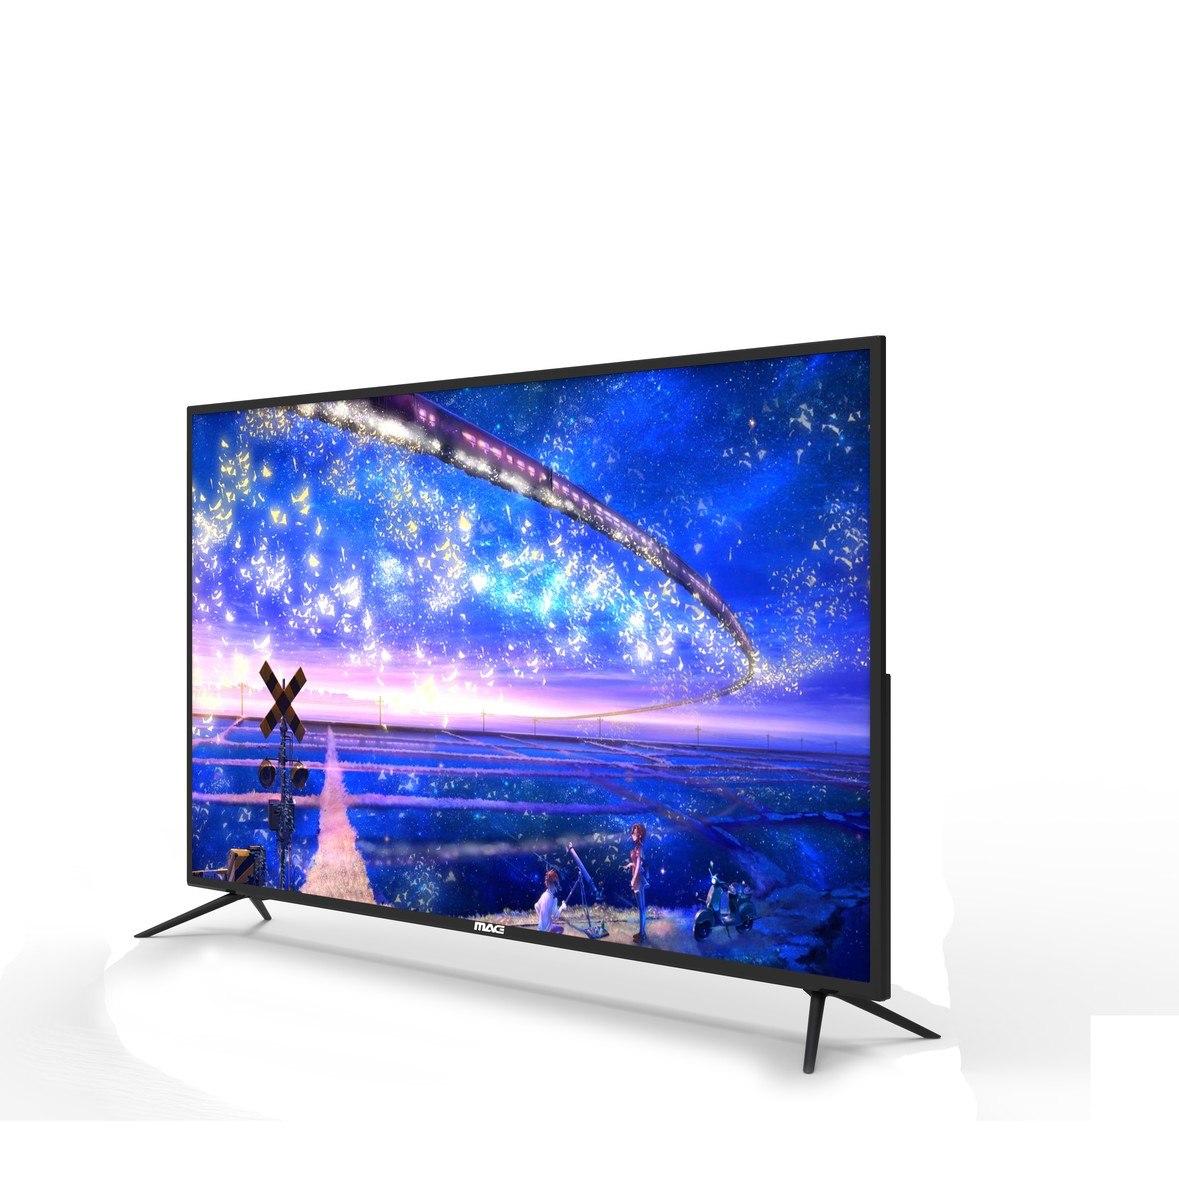 """טלוויזיה 55"""" MAG חכמה CRD55-SMART7-4KY/S"""